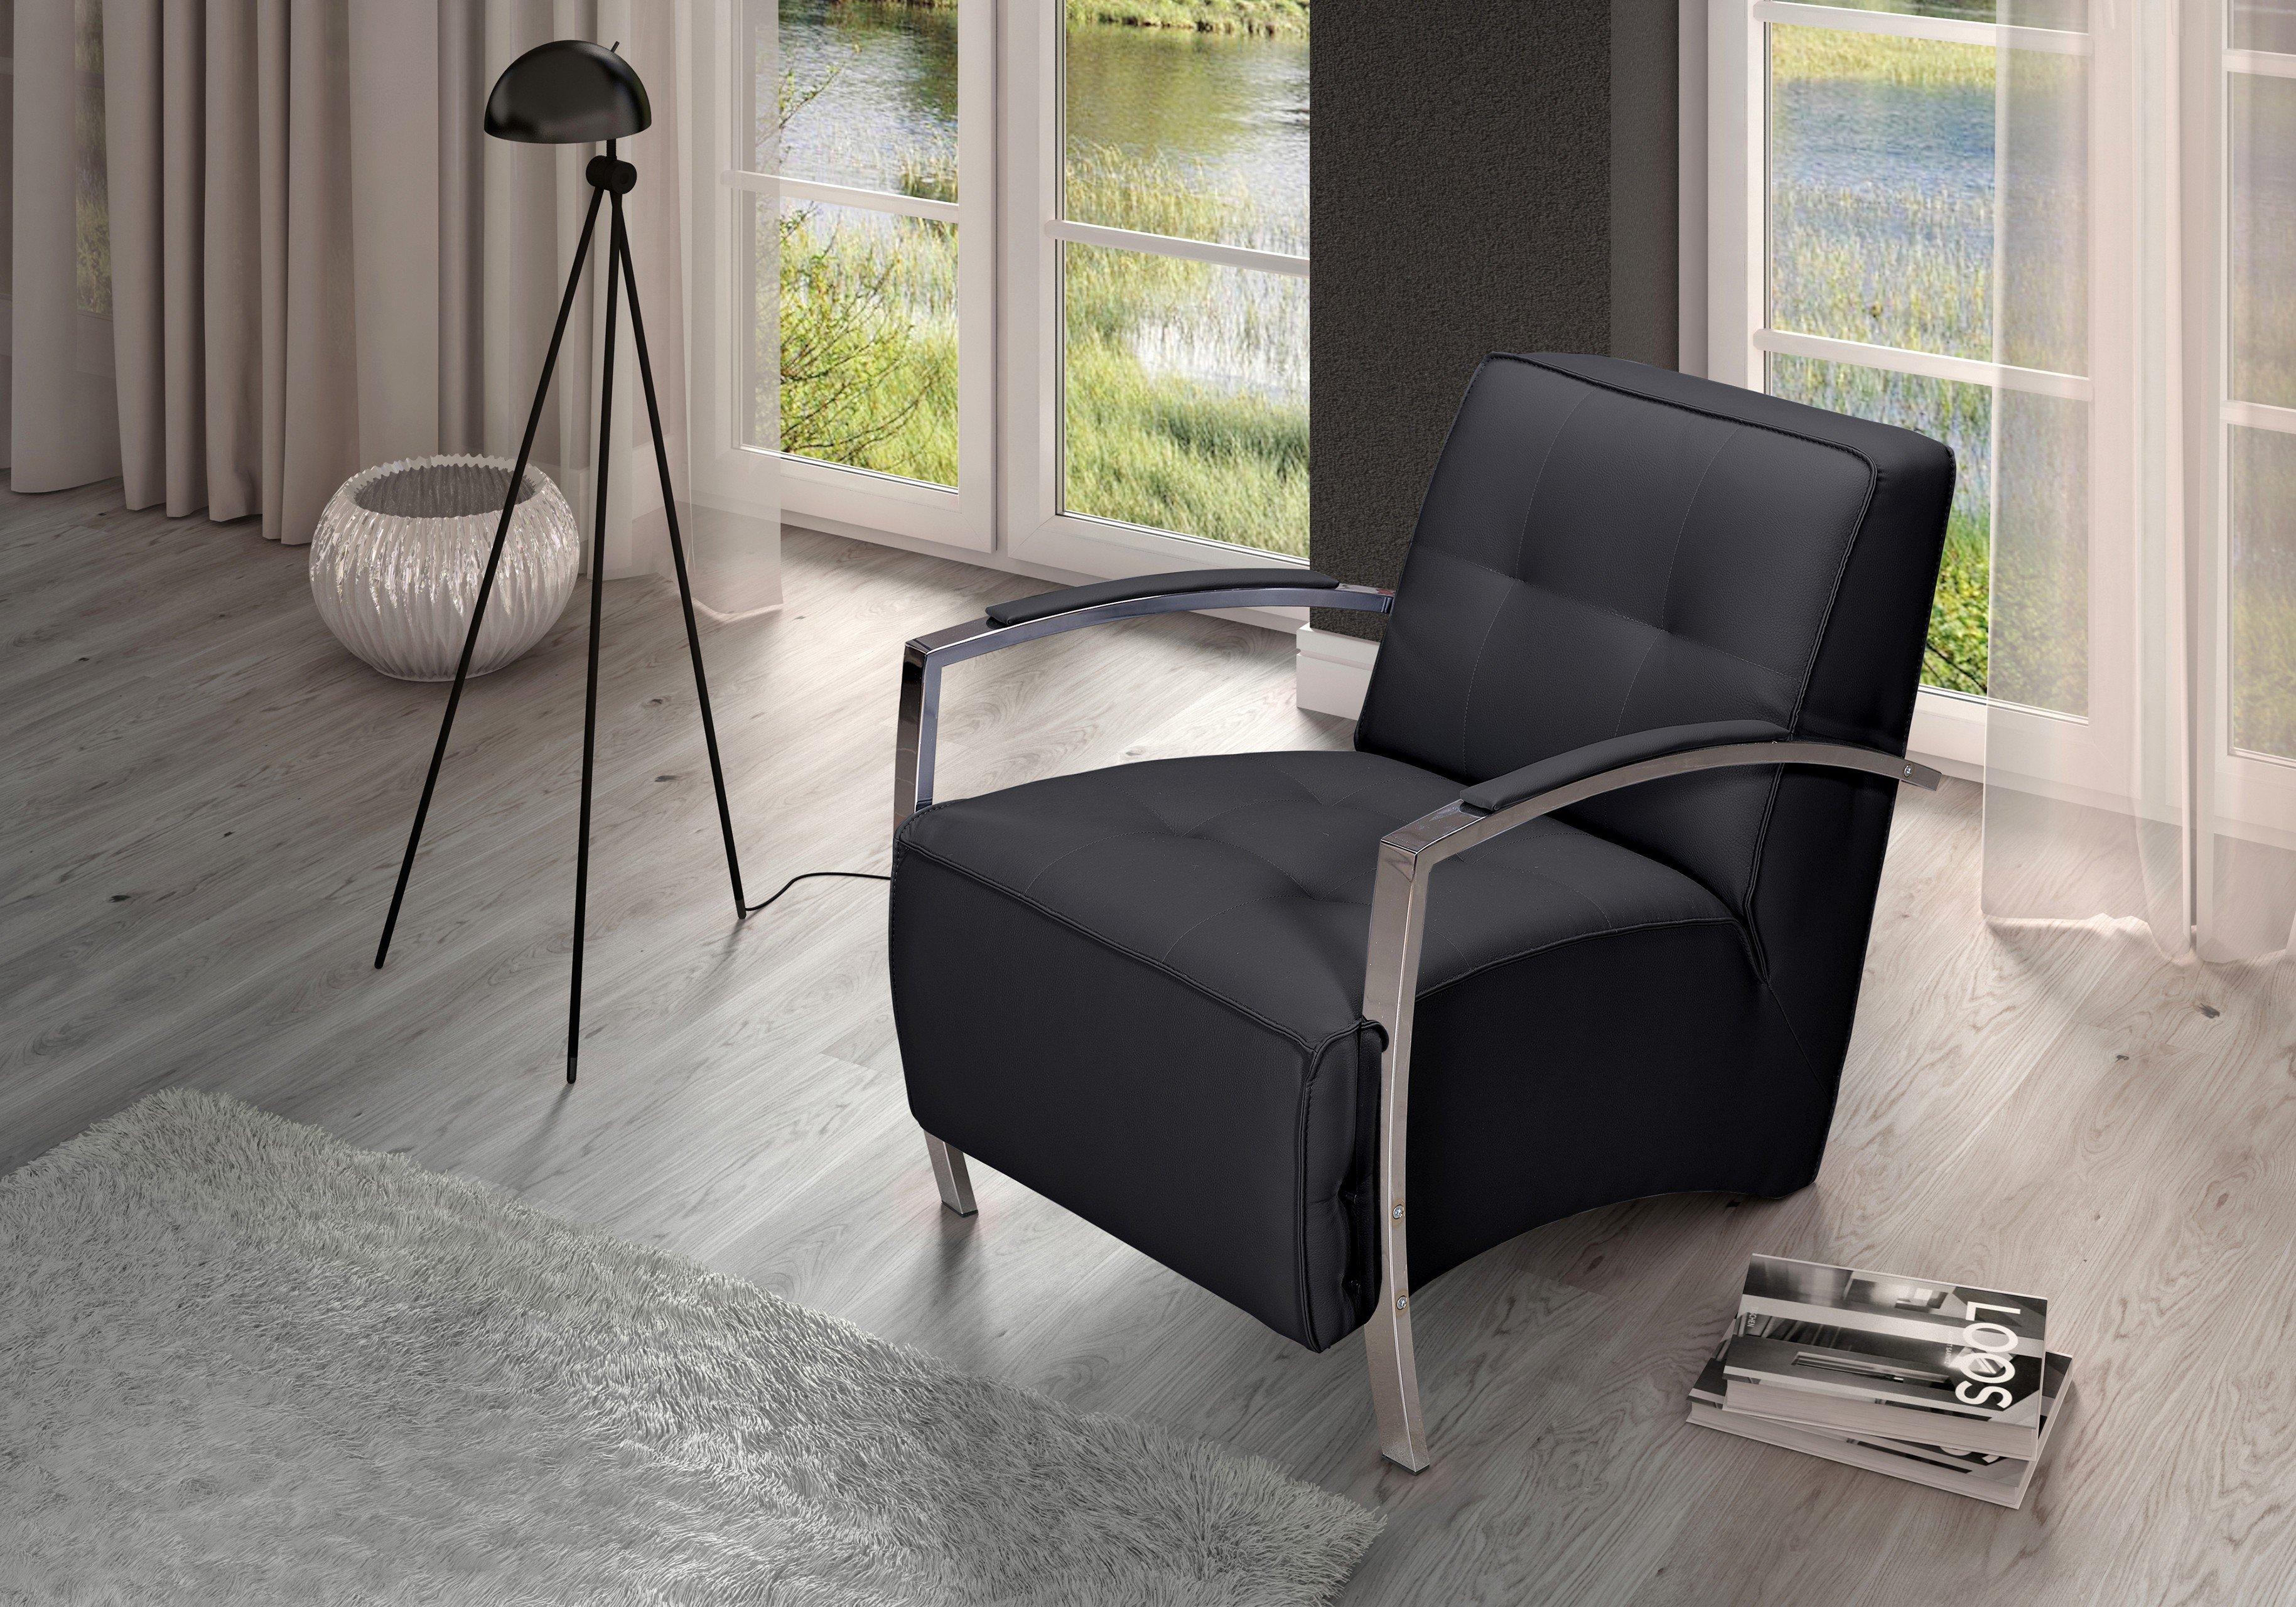 Dreisitz Design Divani Sessel in Schwarz | Möbel Letz - Ihr Online-Shop